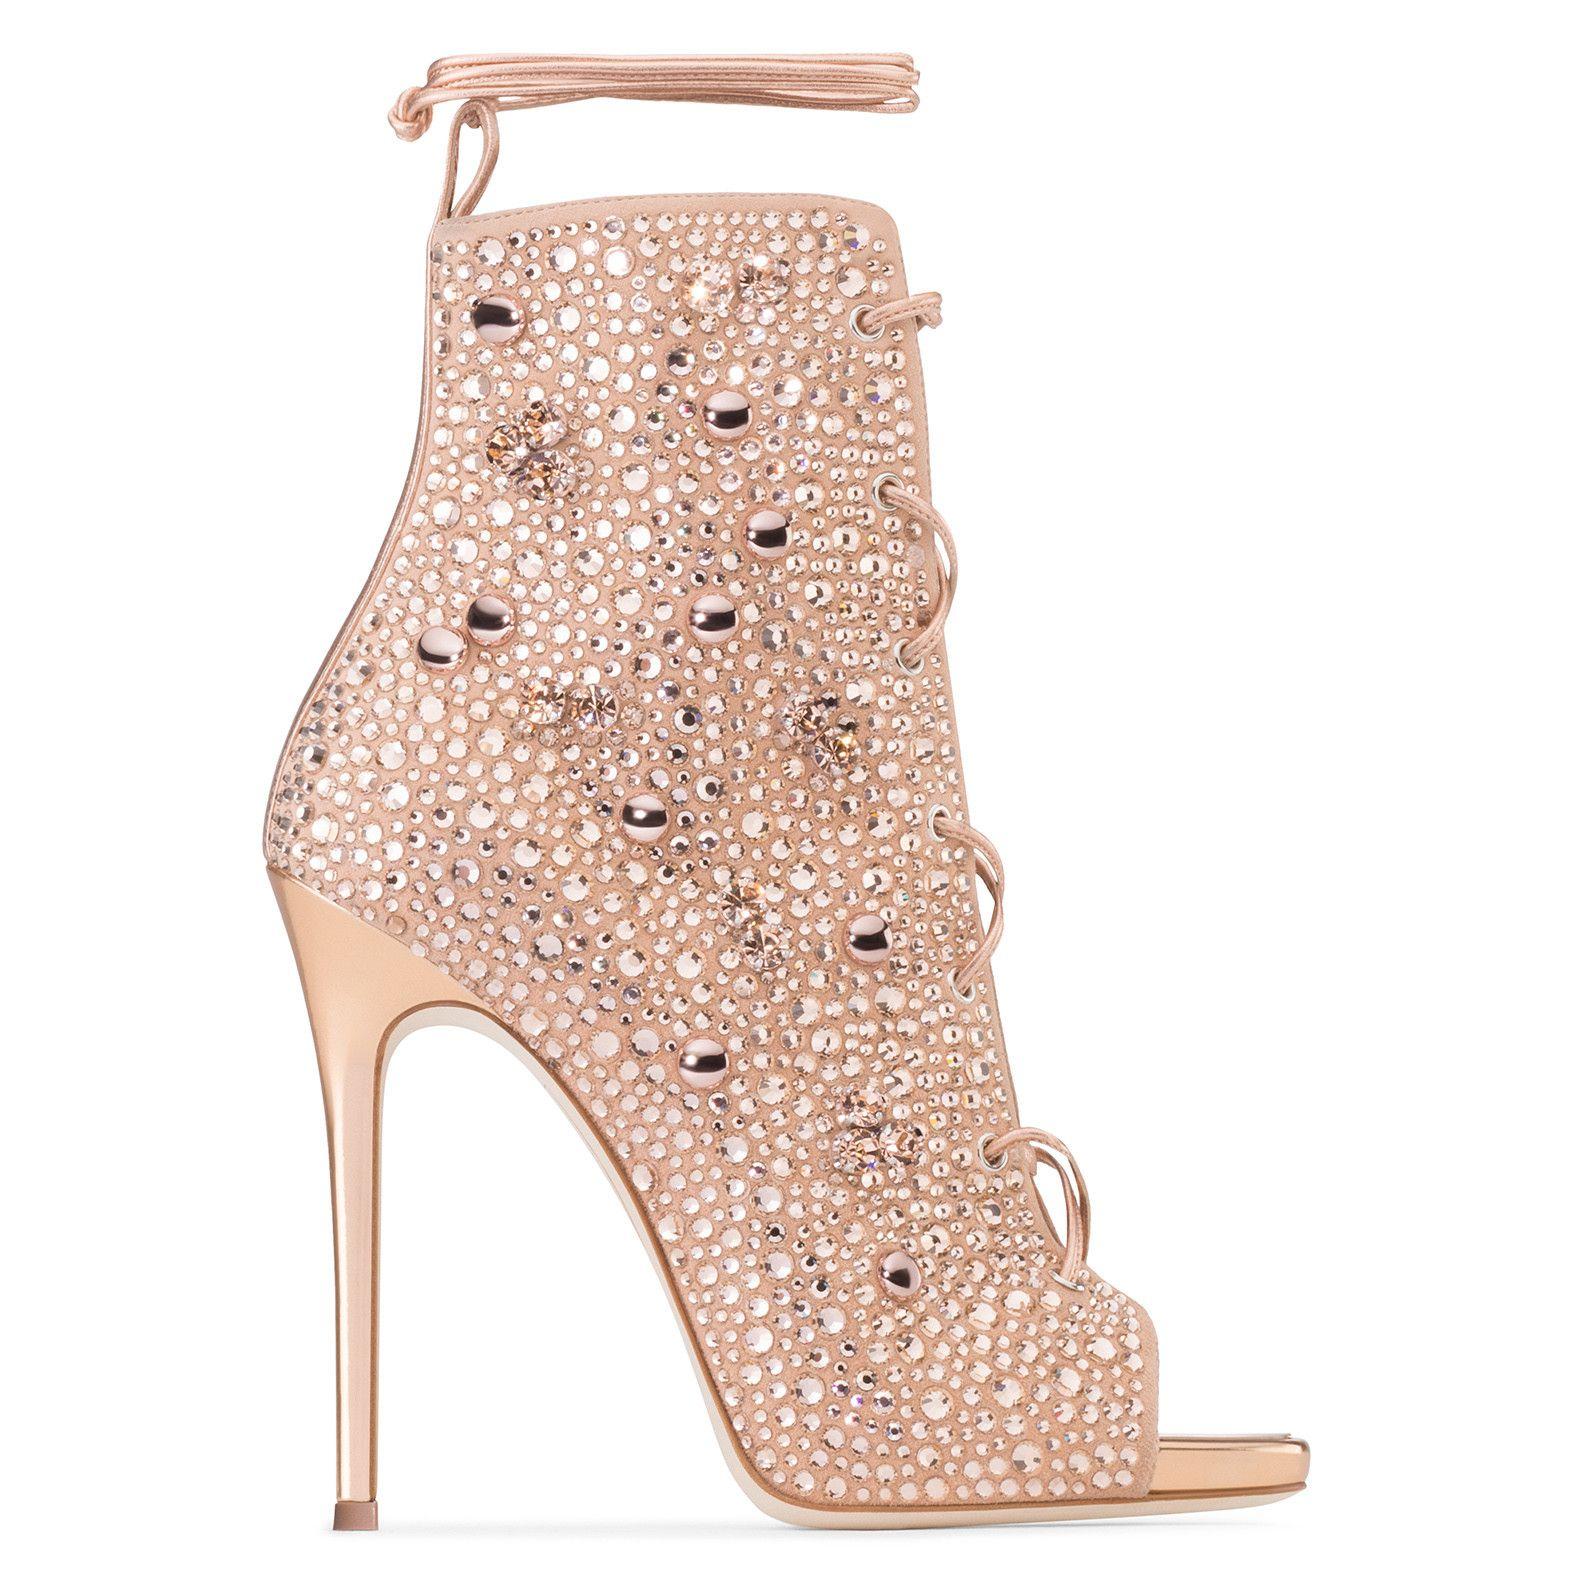 Communication on this topic: GiuseppexJennifer: A cool new shoe collab is , giuseppexjennifer-a-cool-new-shoe-collab-is/